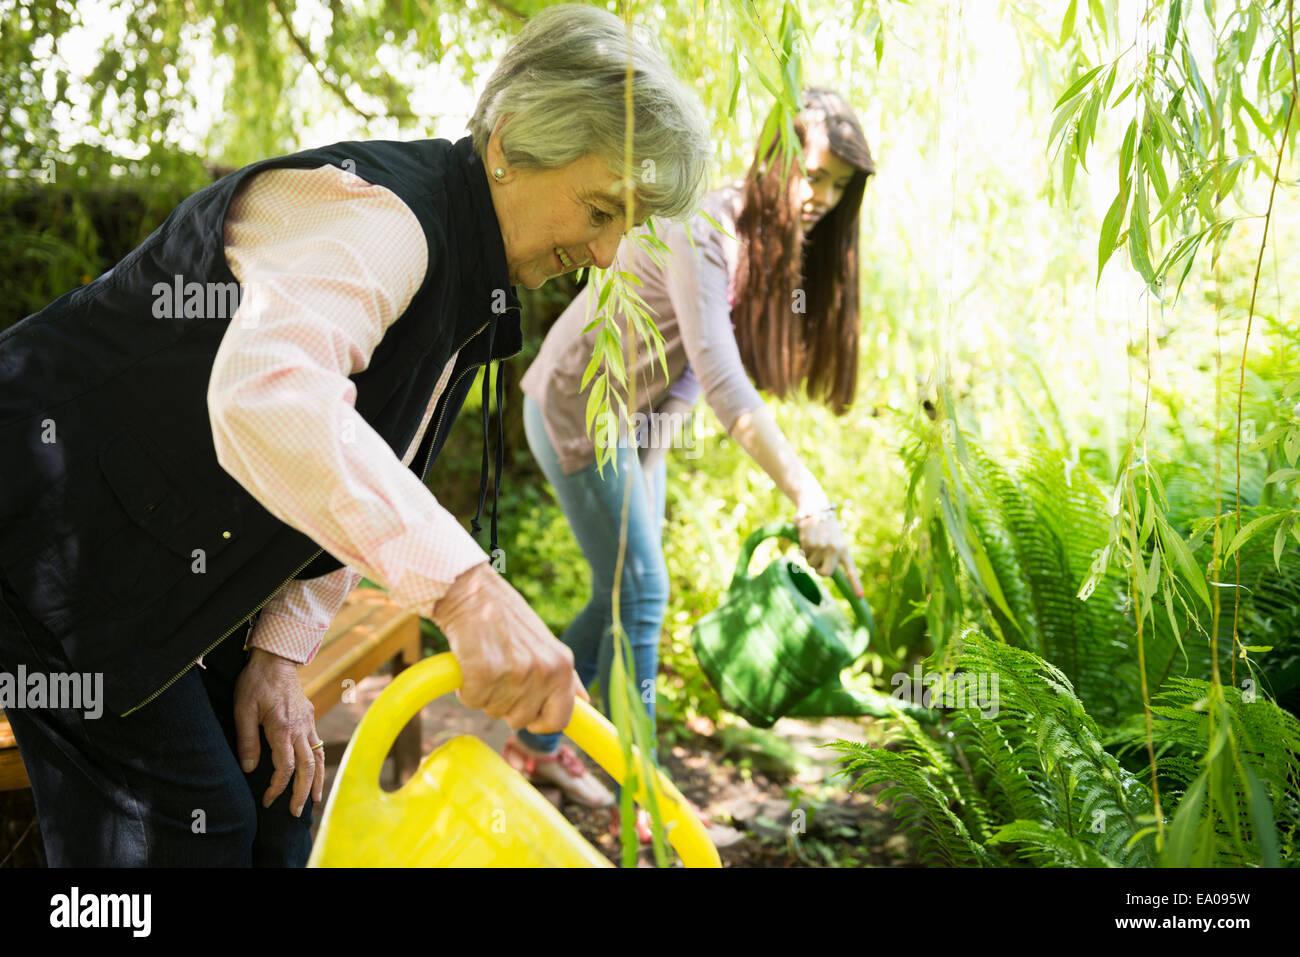 Abuela y nieta regar las plantas bajo el sauce Imagen De Stock